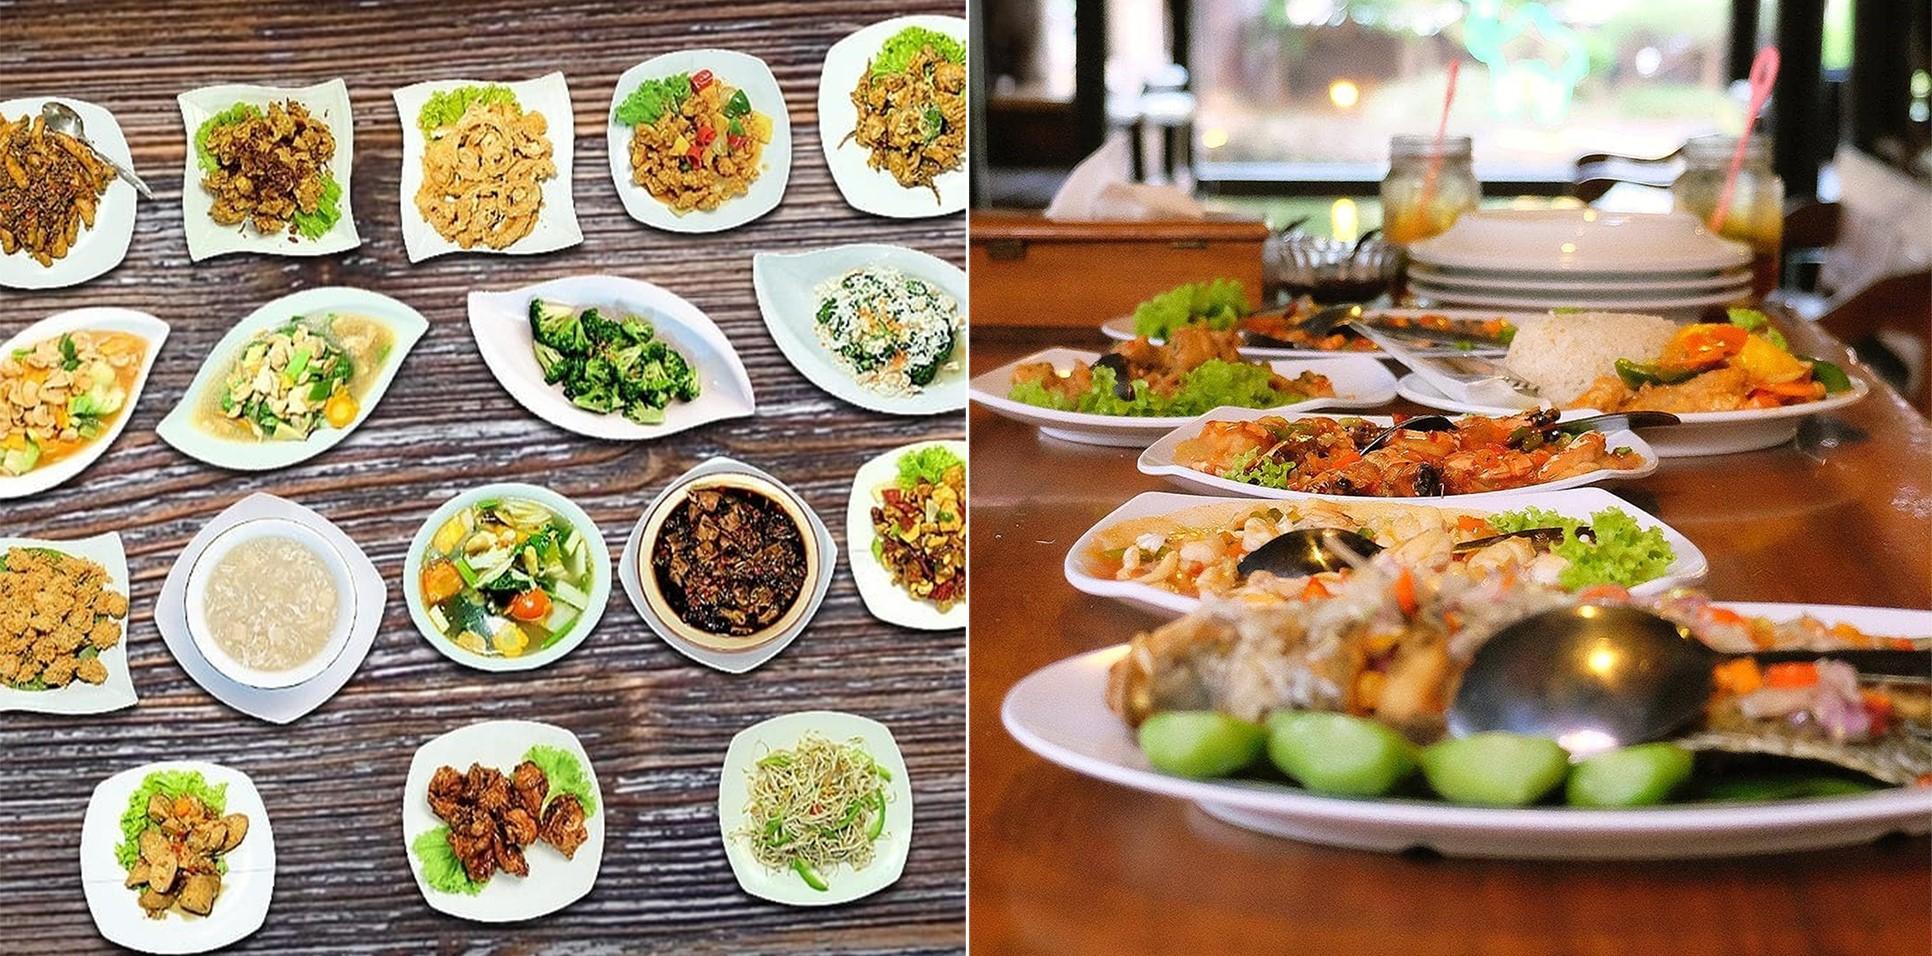 Menu Makan Kampung Laut Semarang